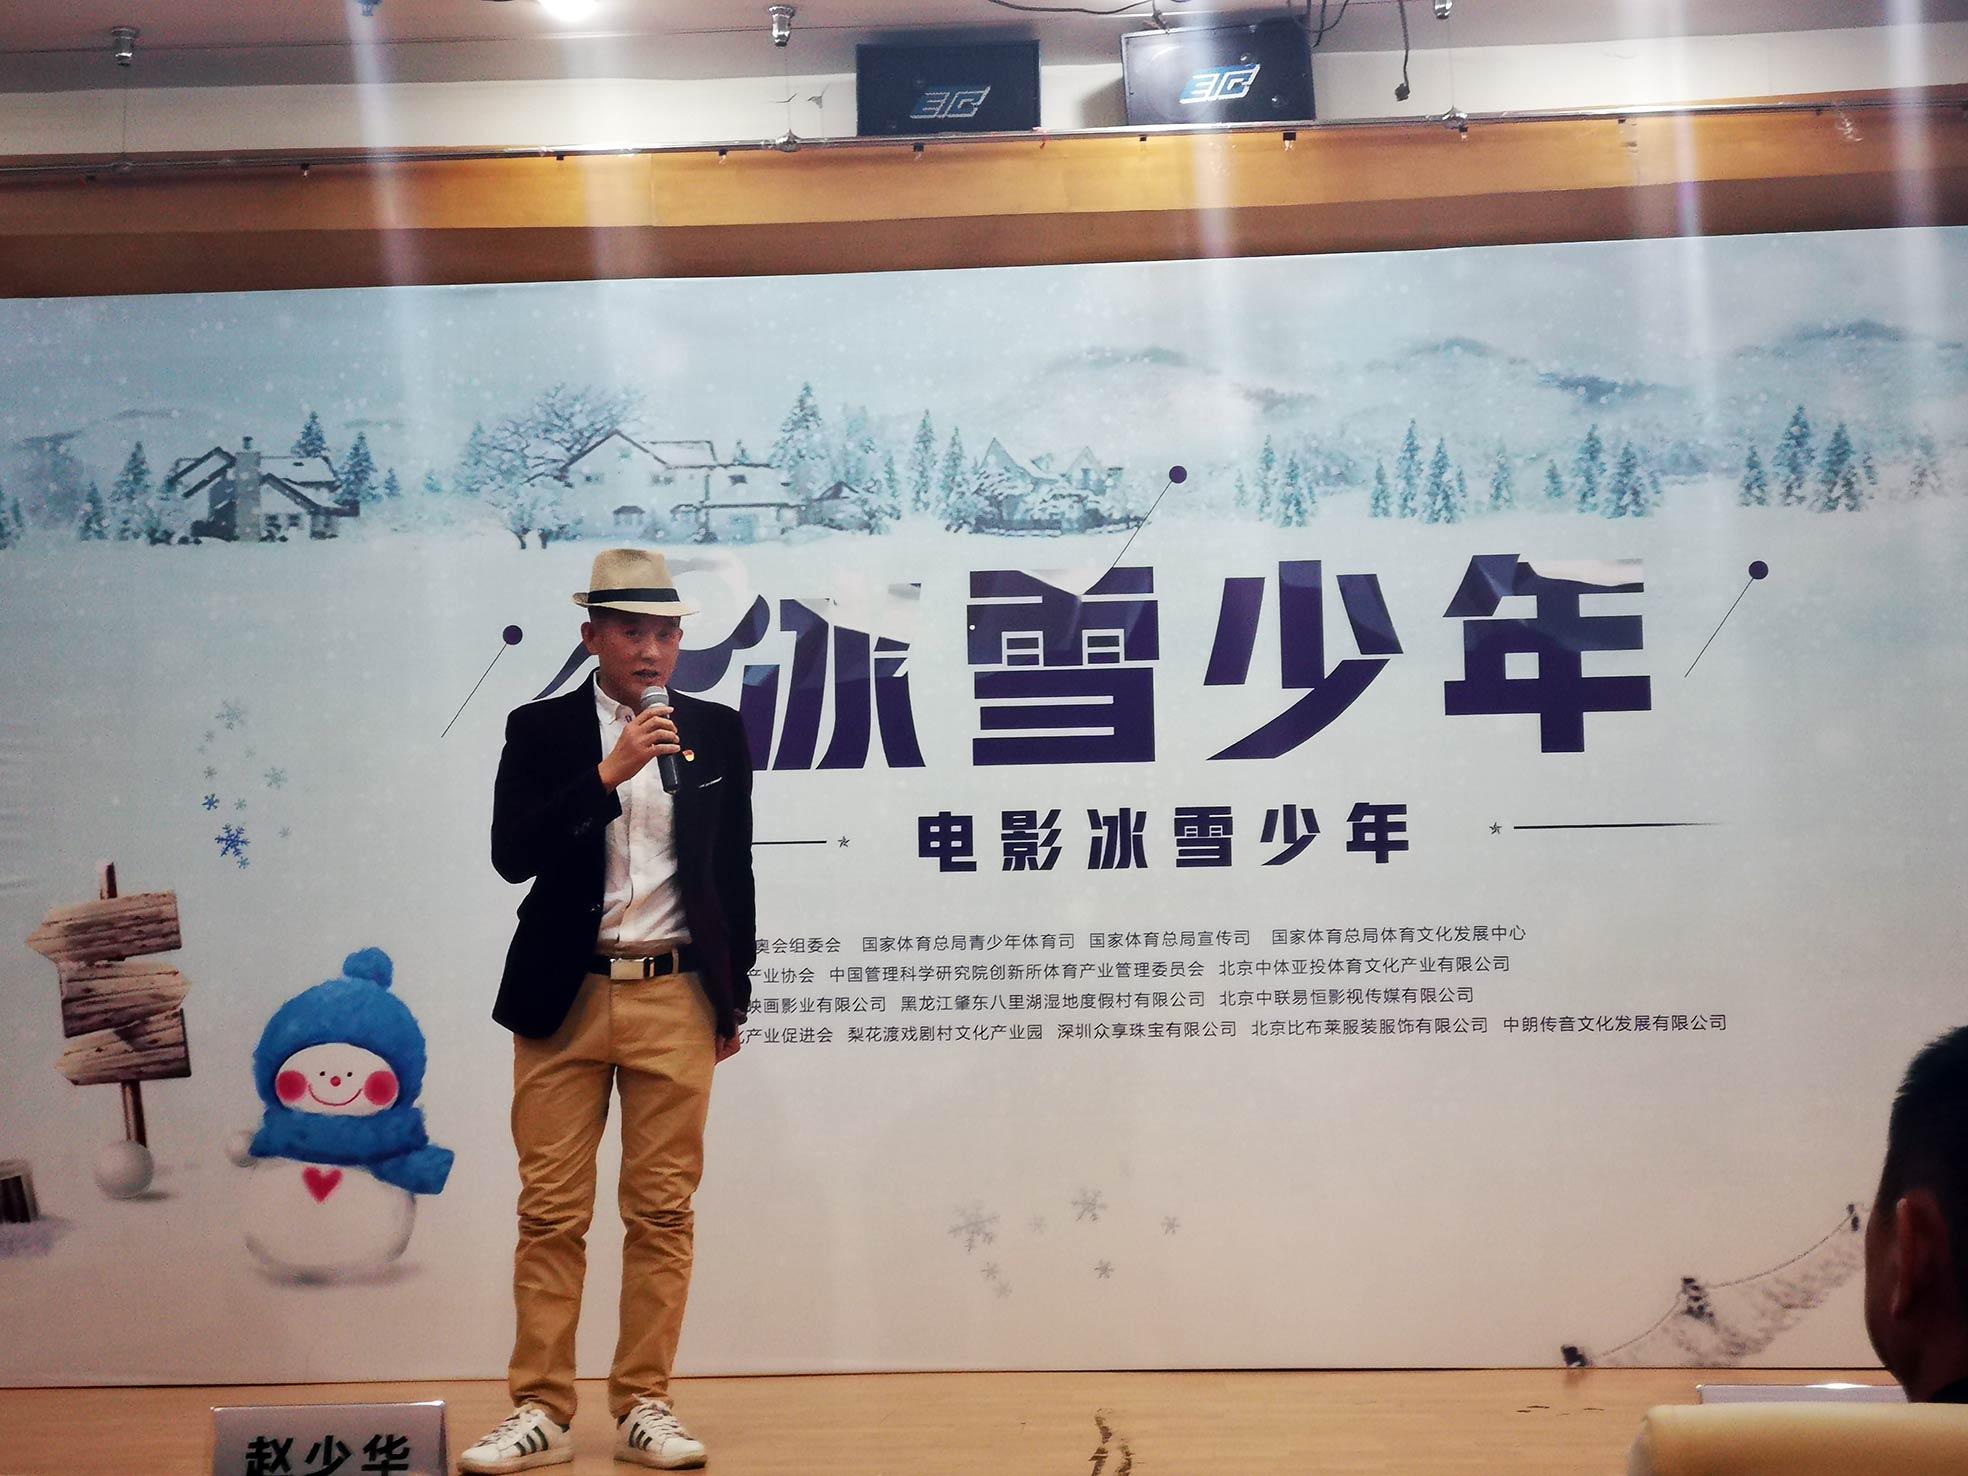 励志电影《冰雪少年》将在黑龙江八里湖开拍